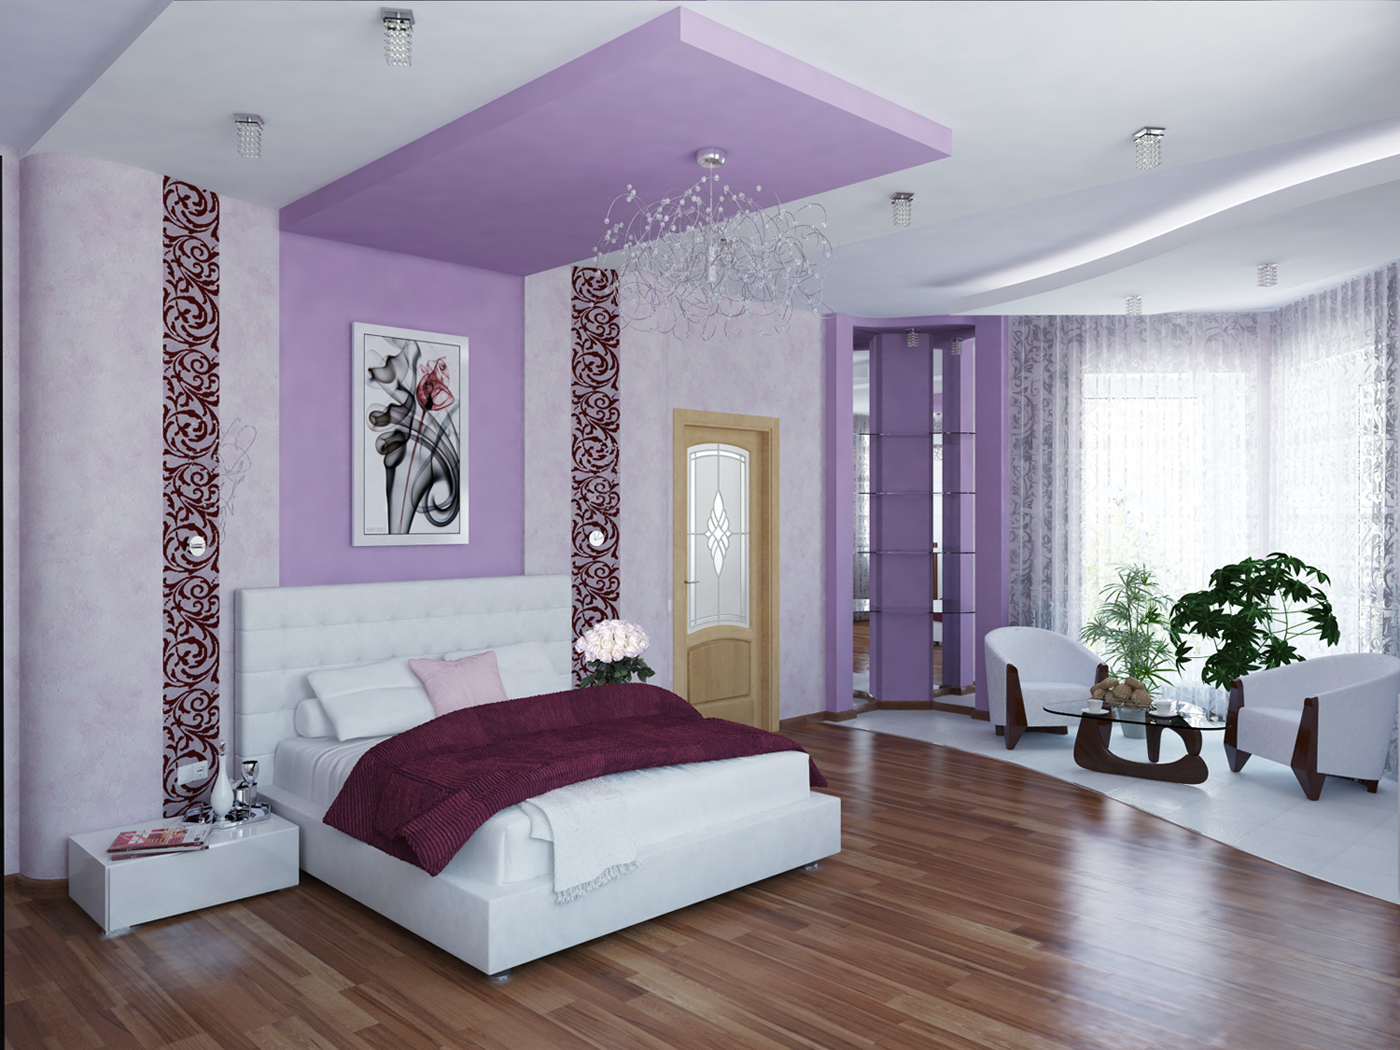 Дизайн спальни в сиреневых фиолетовых тонах фото